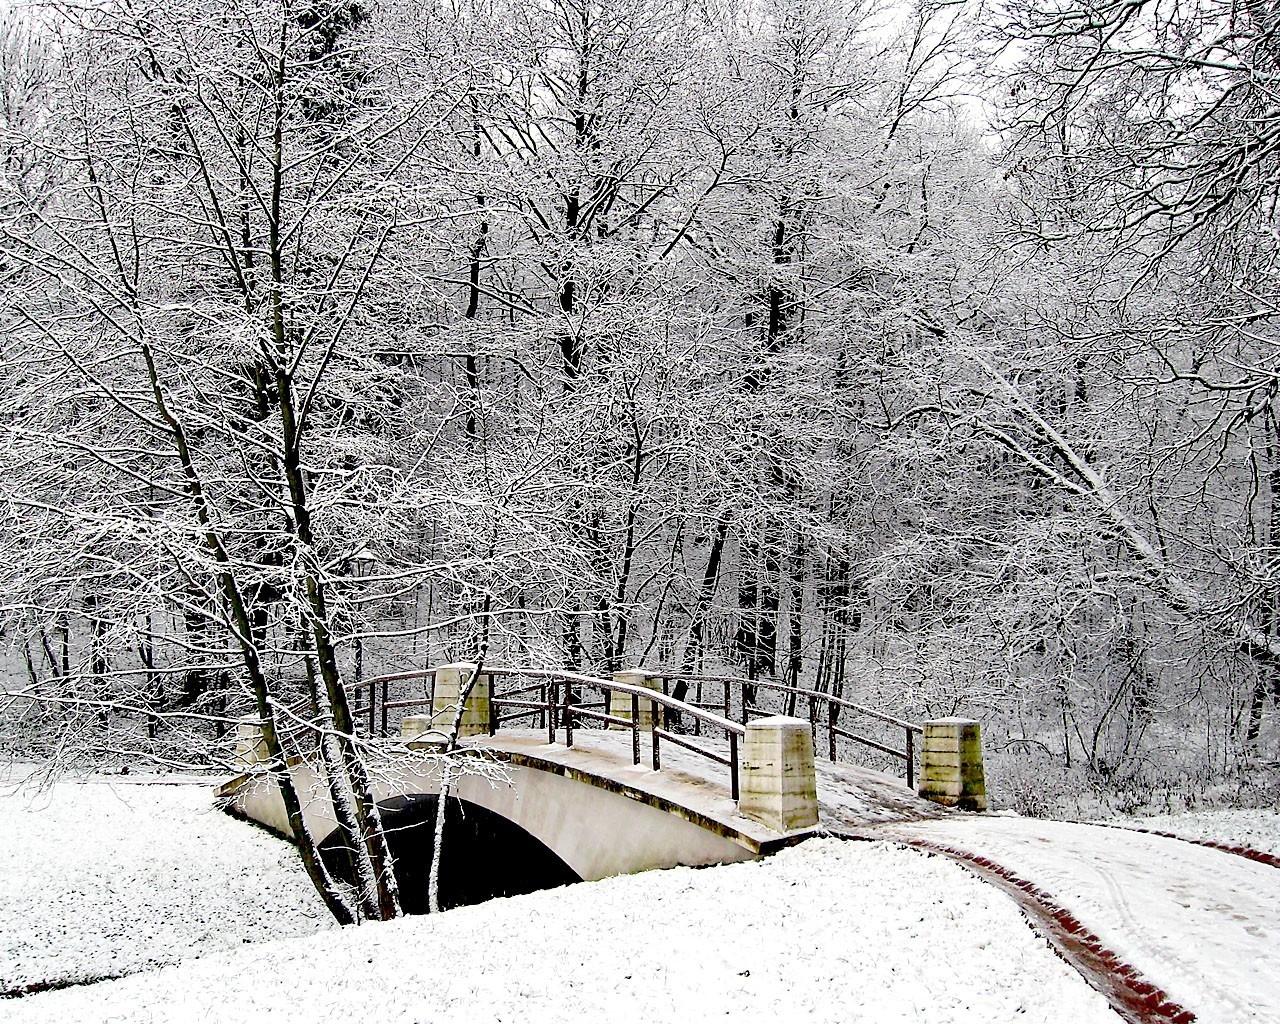 зимняя мостовая картинки сожалению, вашему